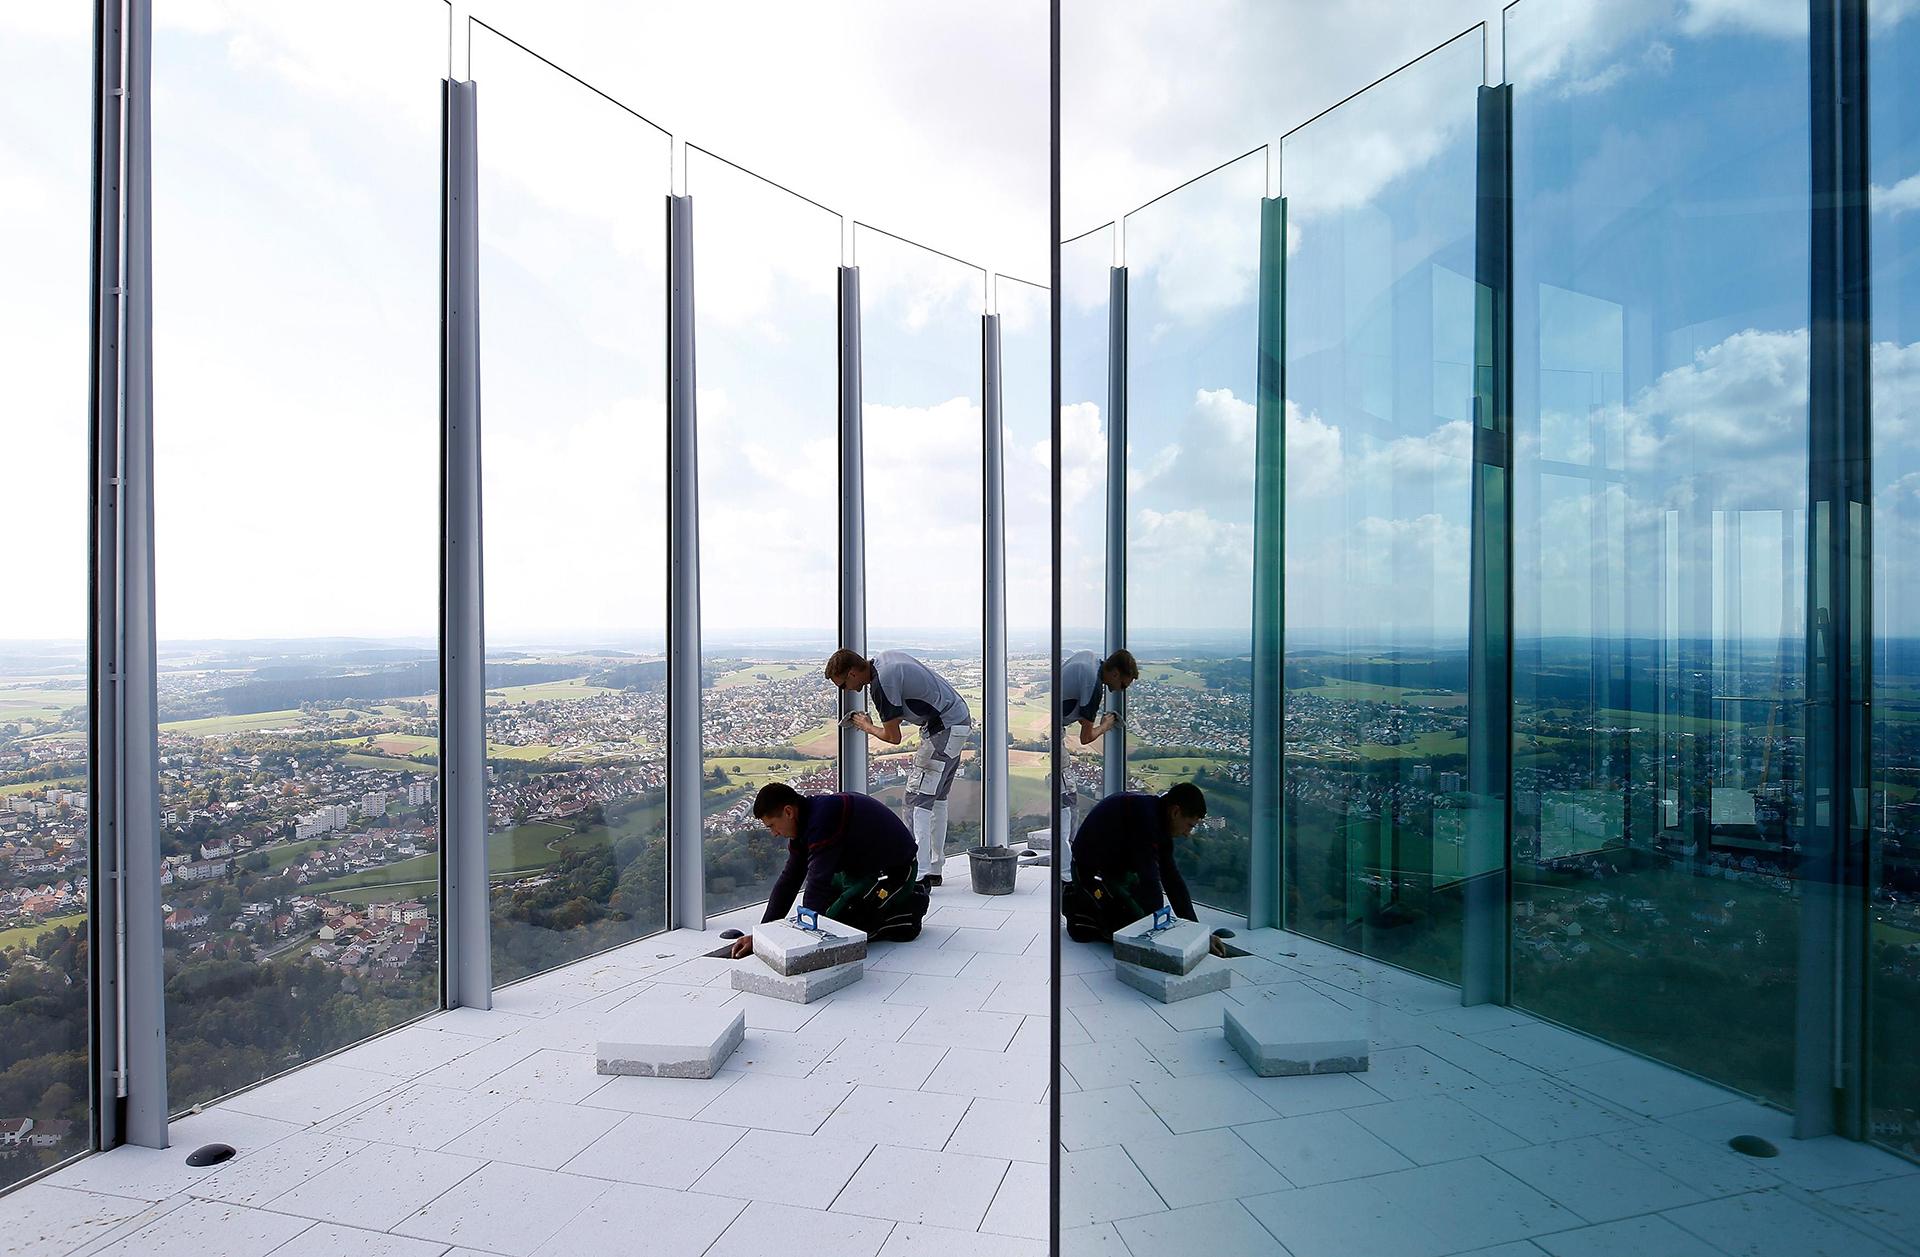 Los trabajadores de la construcción preparan la plataforma de observación.